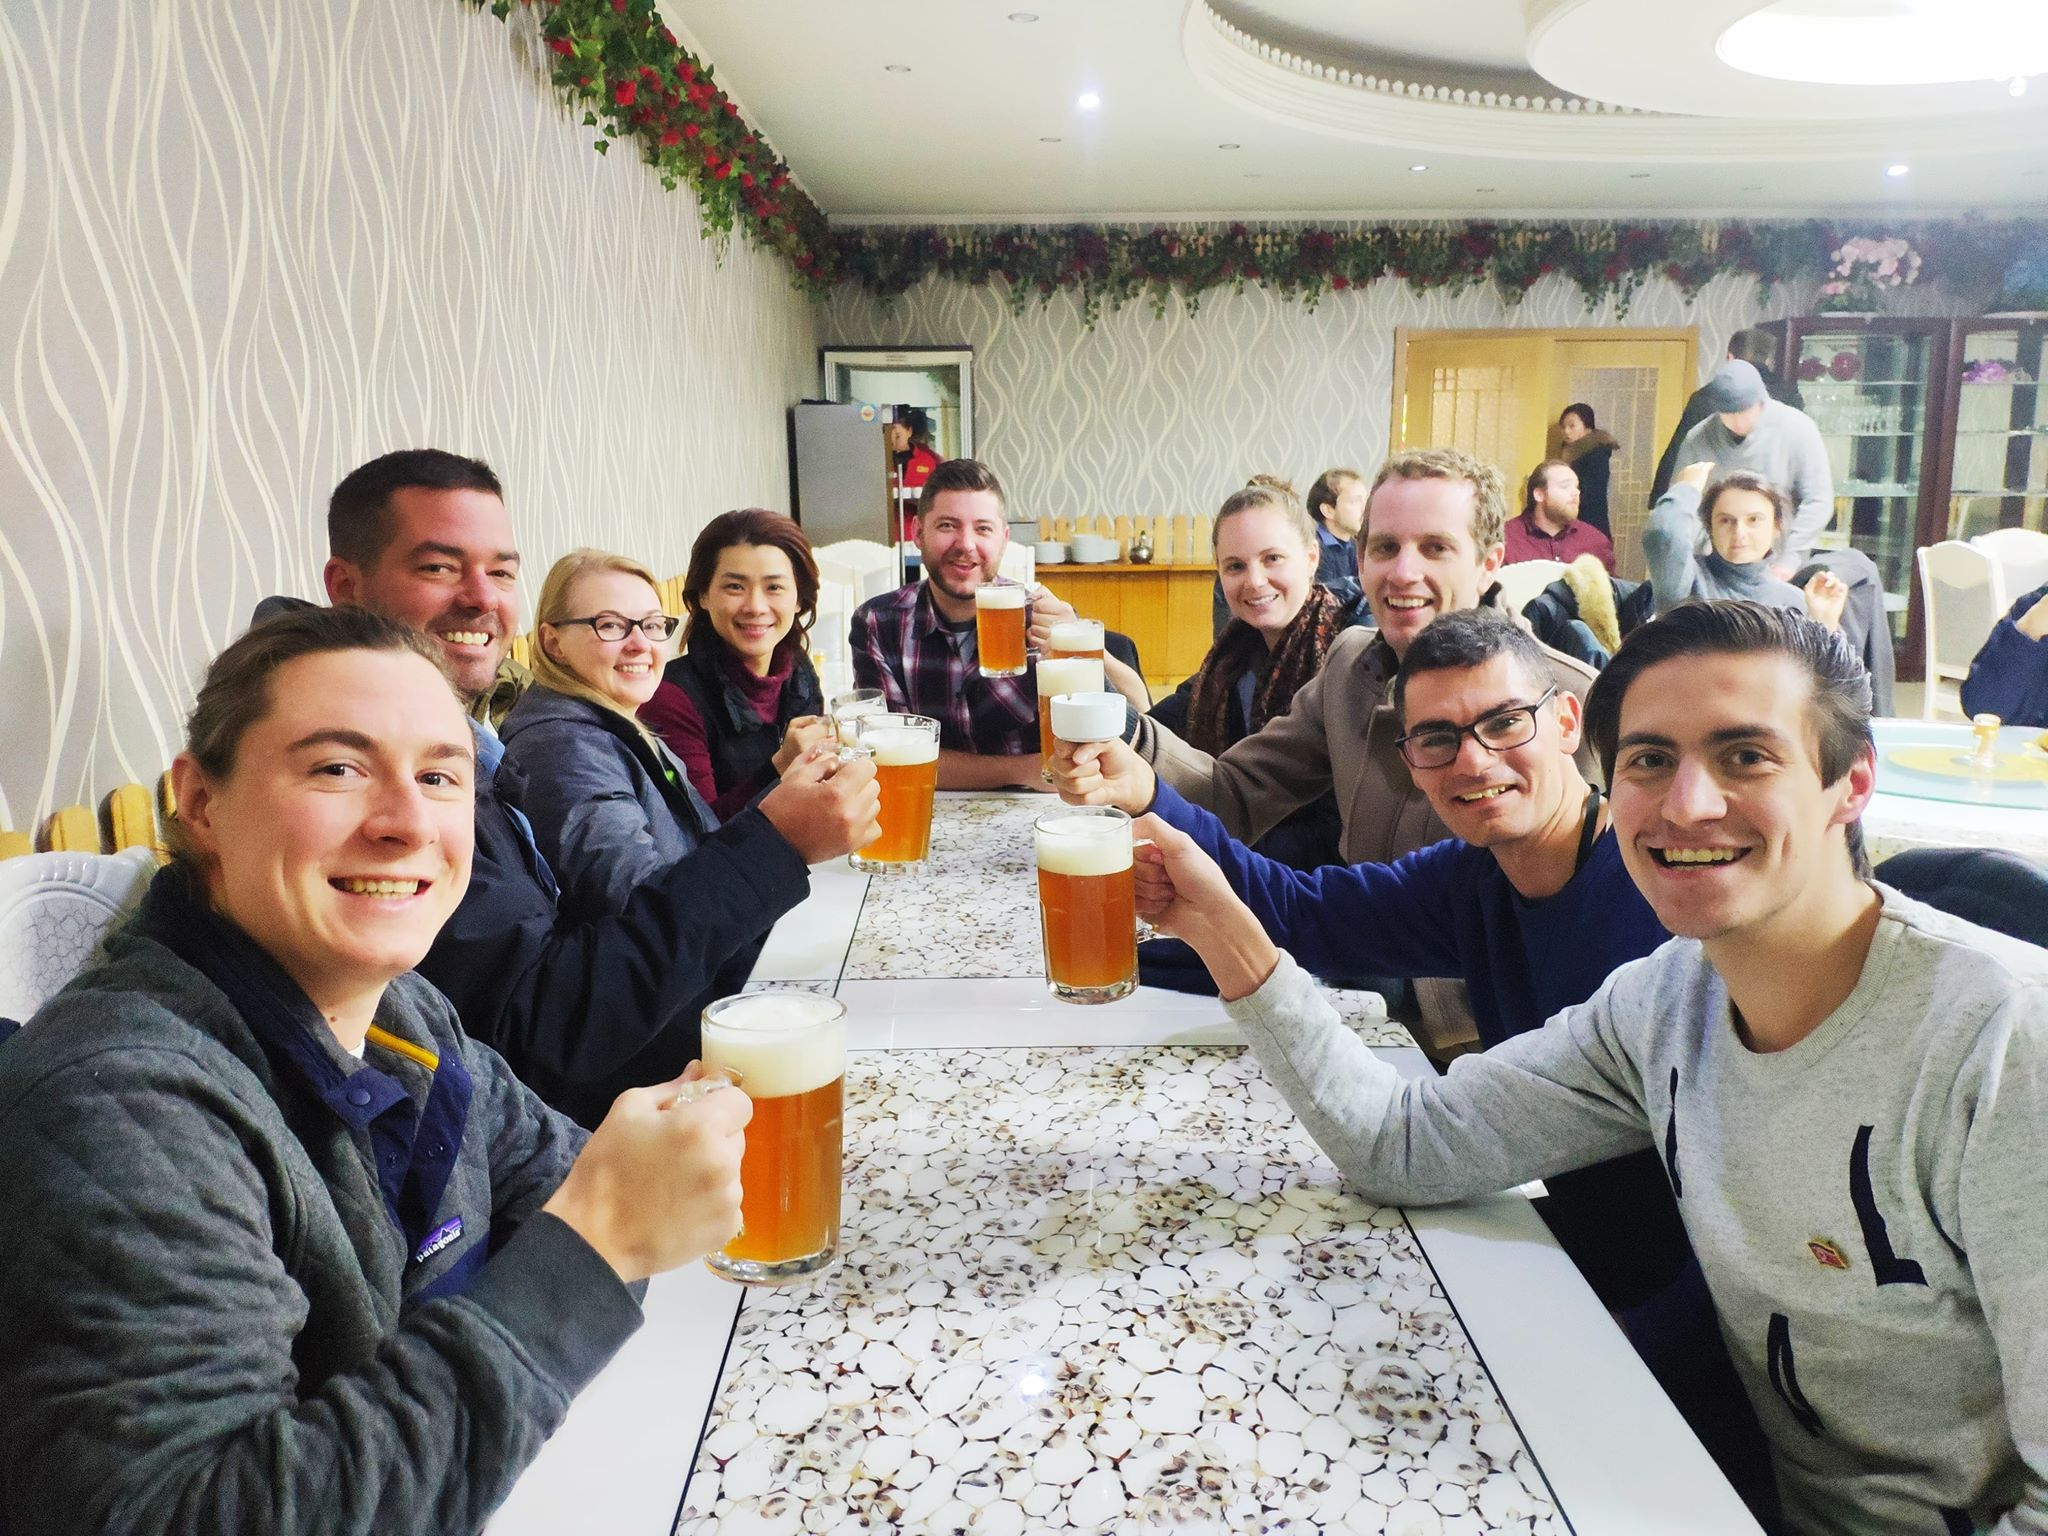 Having beers during New Years in Pyongyang